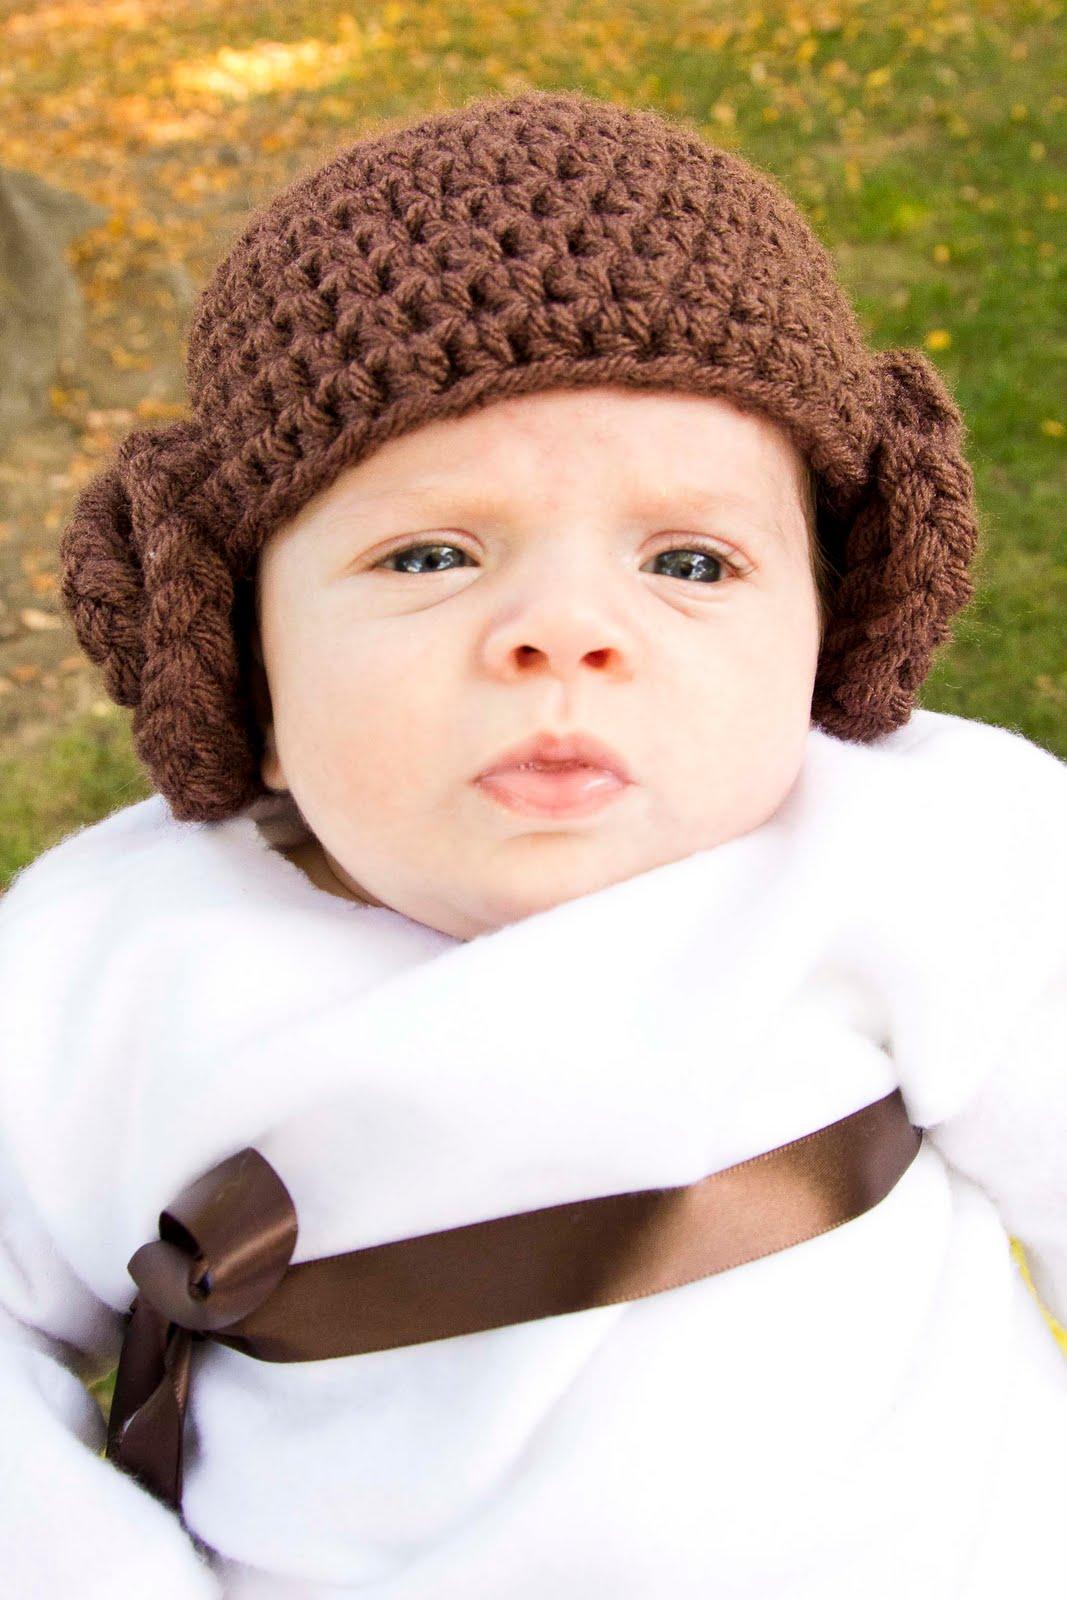 All Things Belle: Princess Leia - Crochet Beanie Mini Tutorial